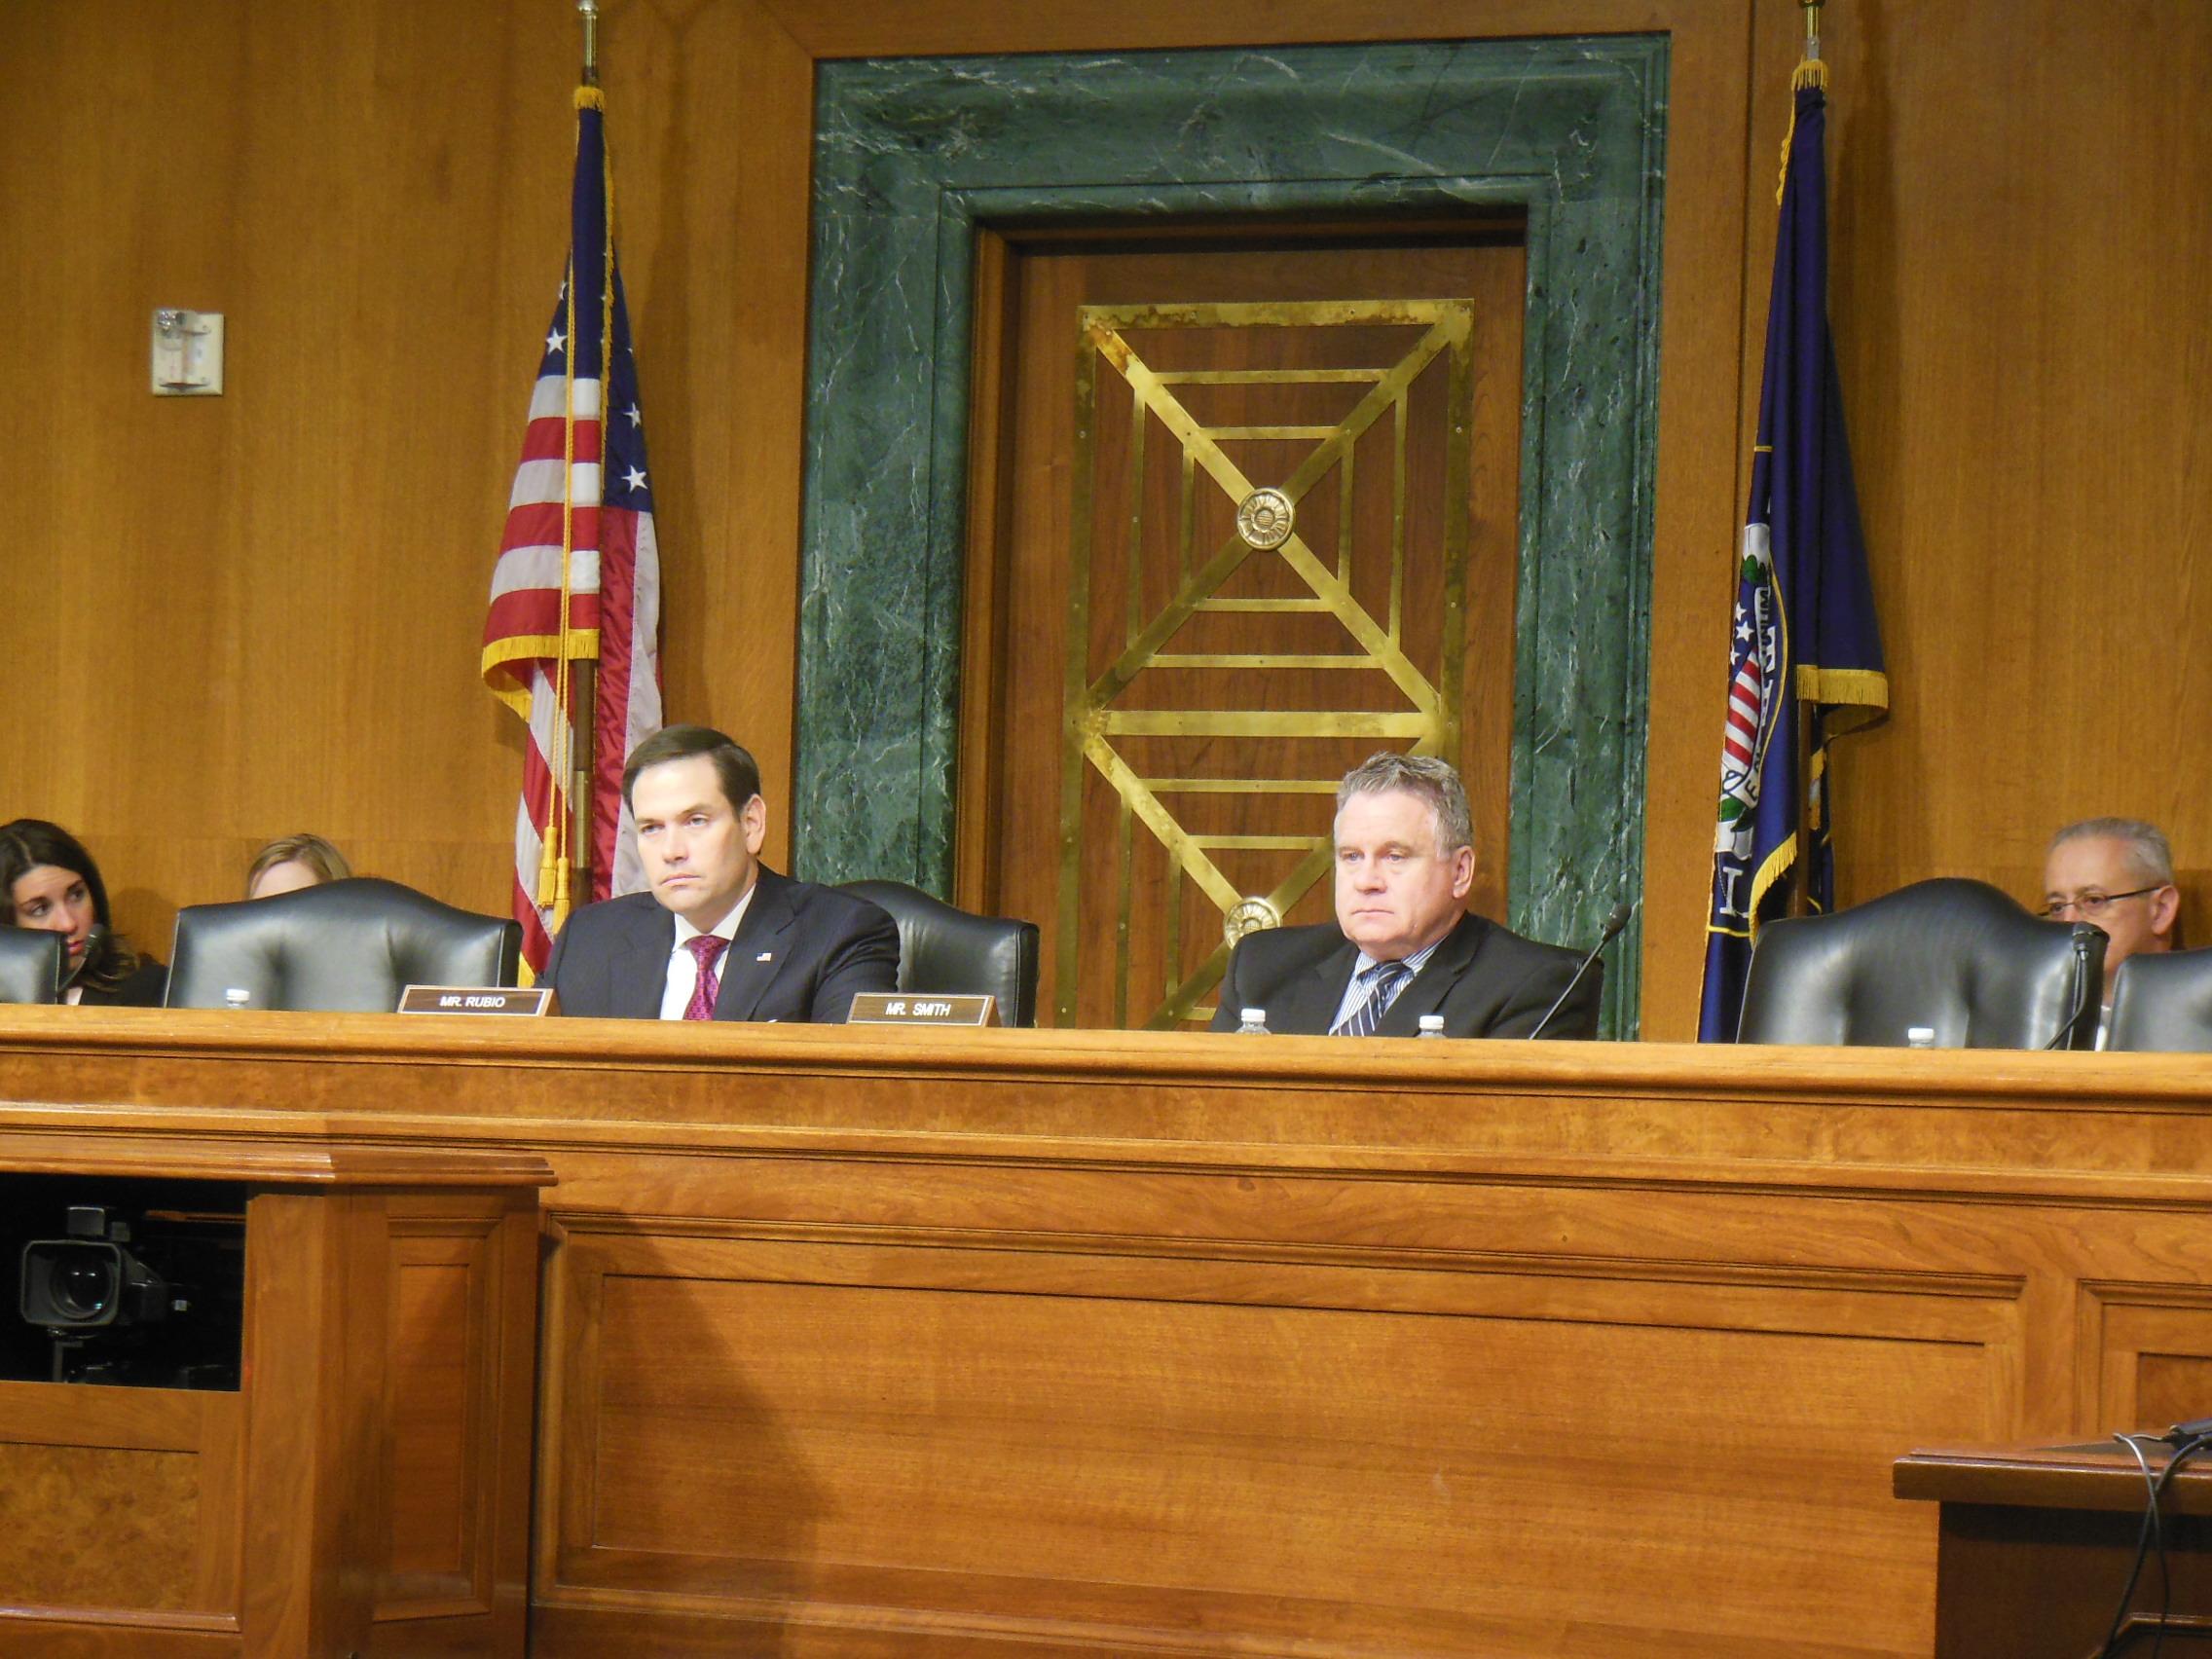 美國國會及行政當局中國委員會(CECC)主席、參議員馬可‧魯比奧(Marco Rubio)(左)、CECC共同主席史密斯(Christ Smith)議員(右)。(李辰/大紀元)